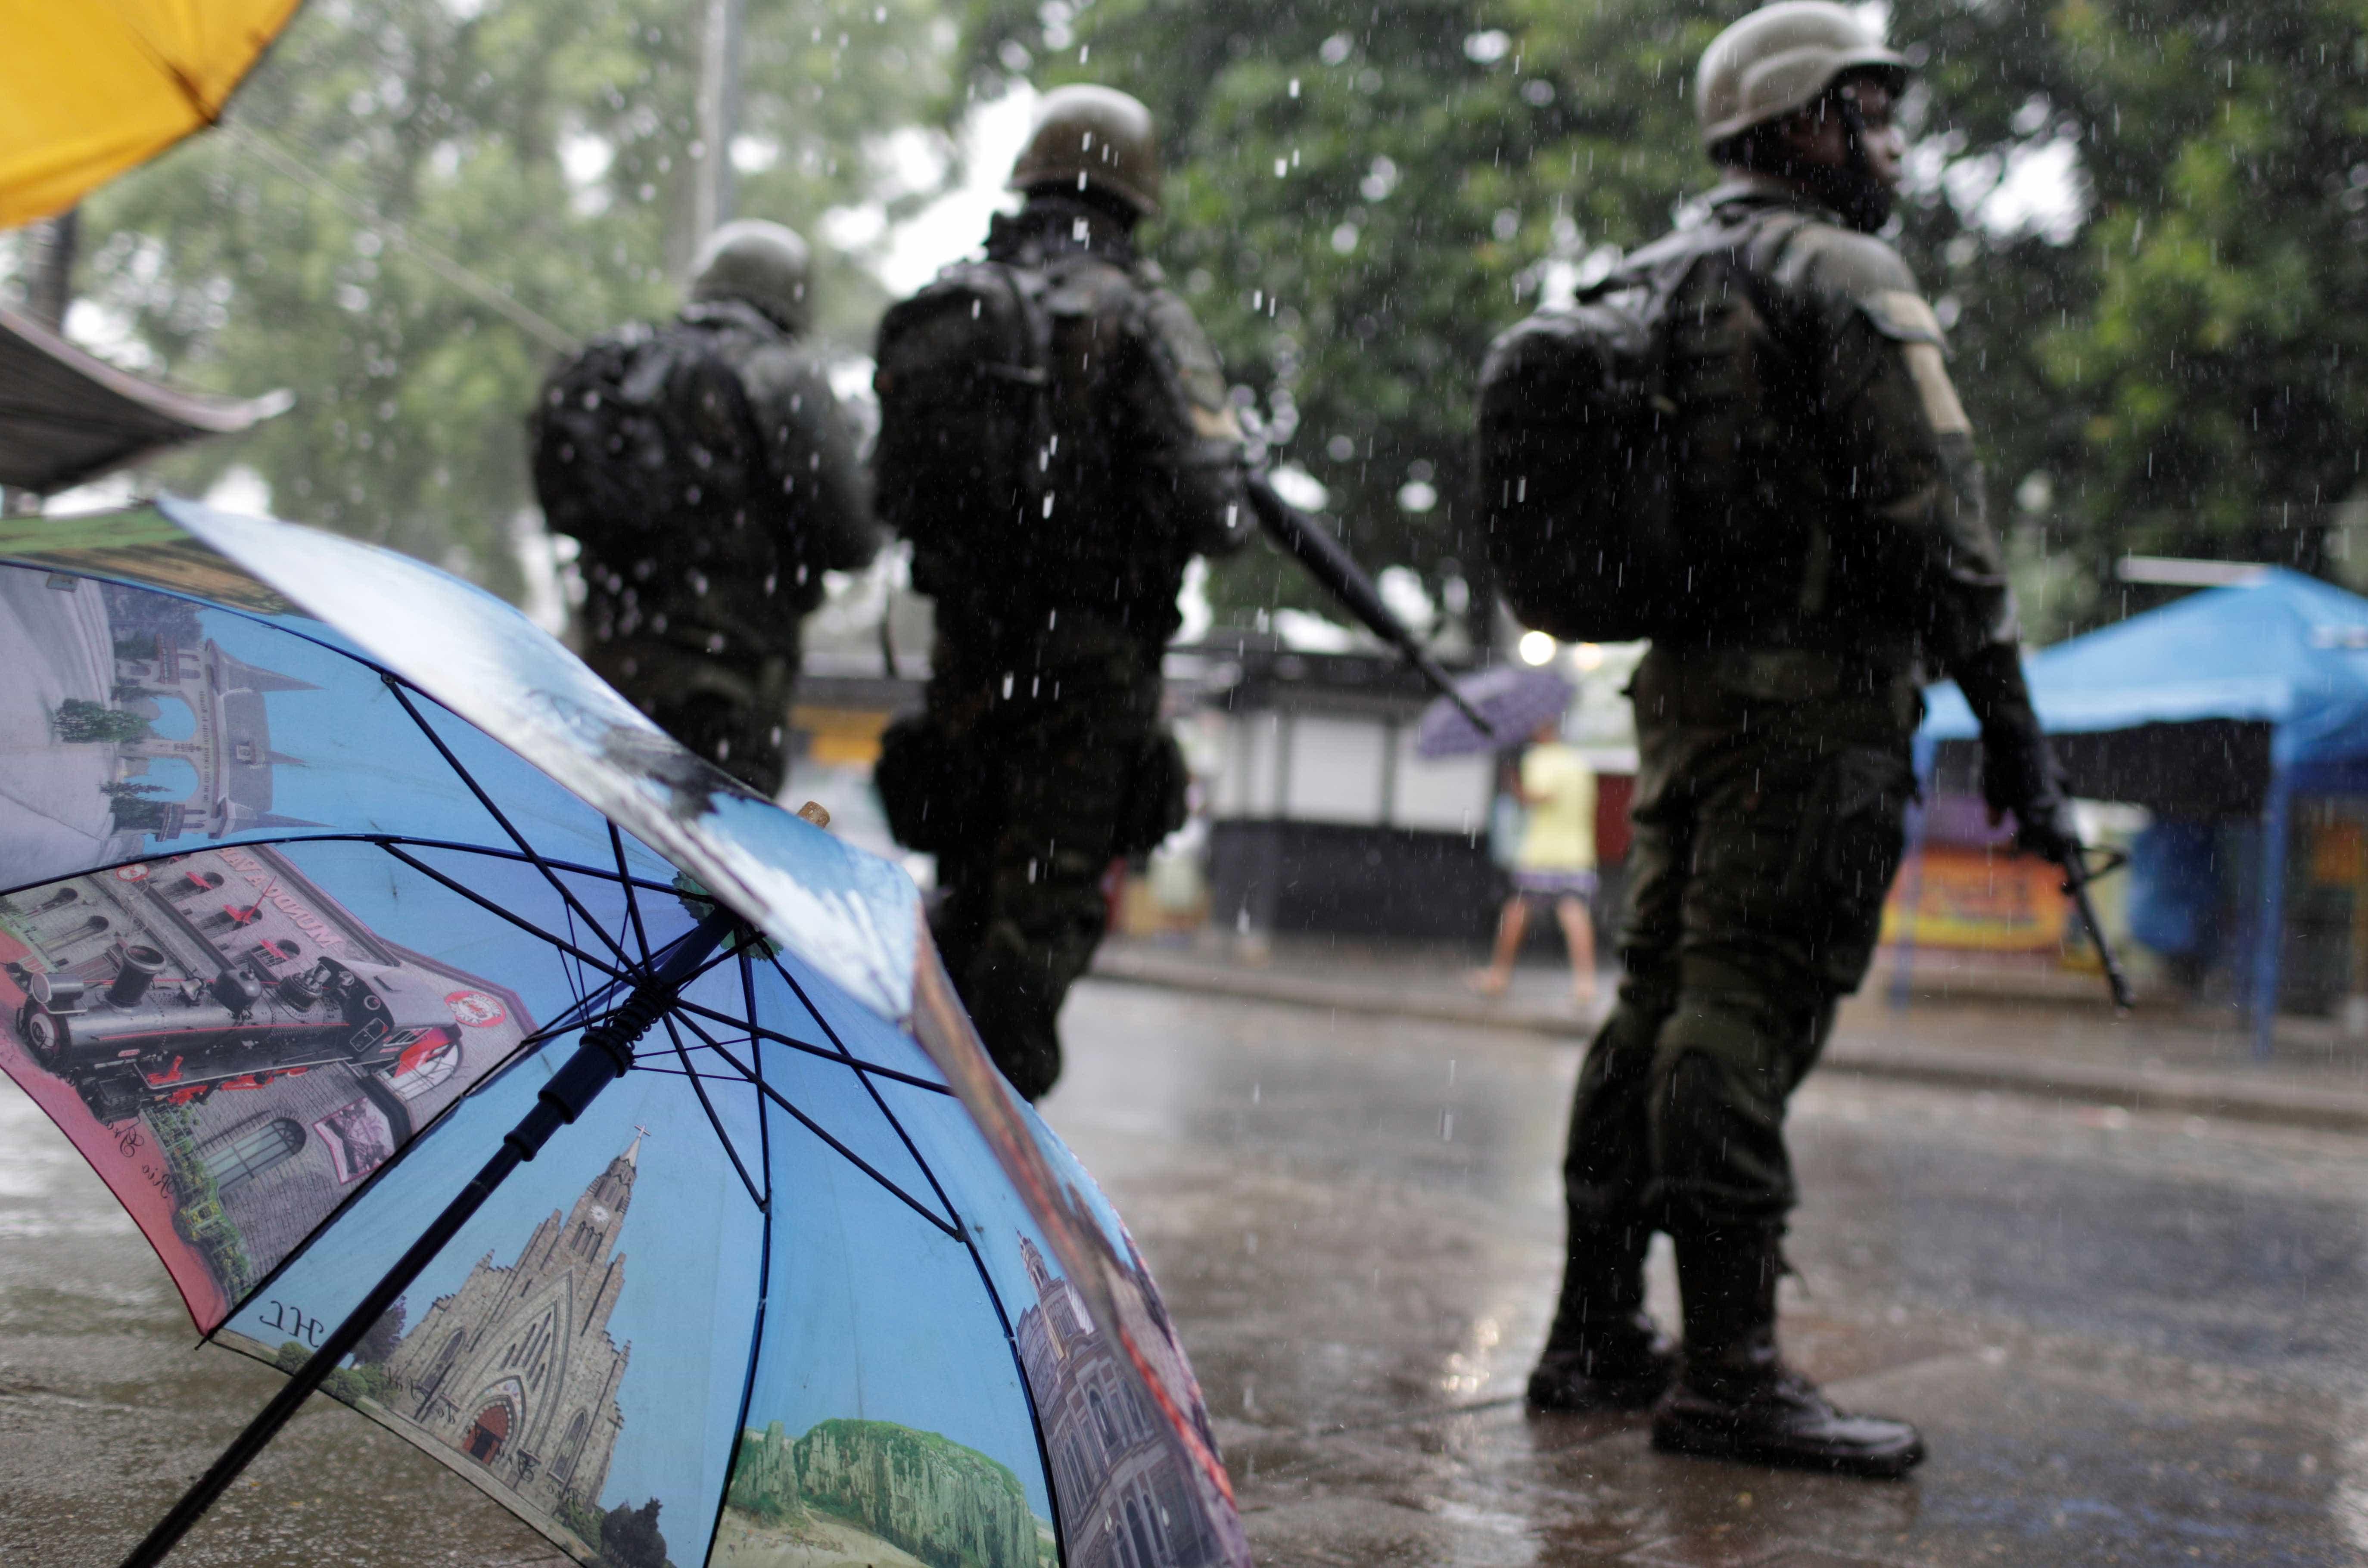 Vila Kennedy recebe nova operação de militares no Rio